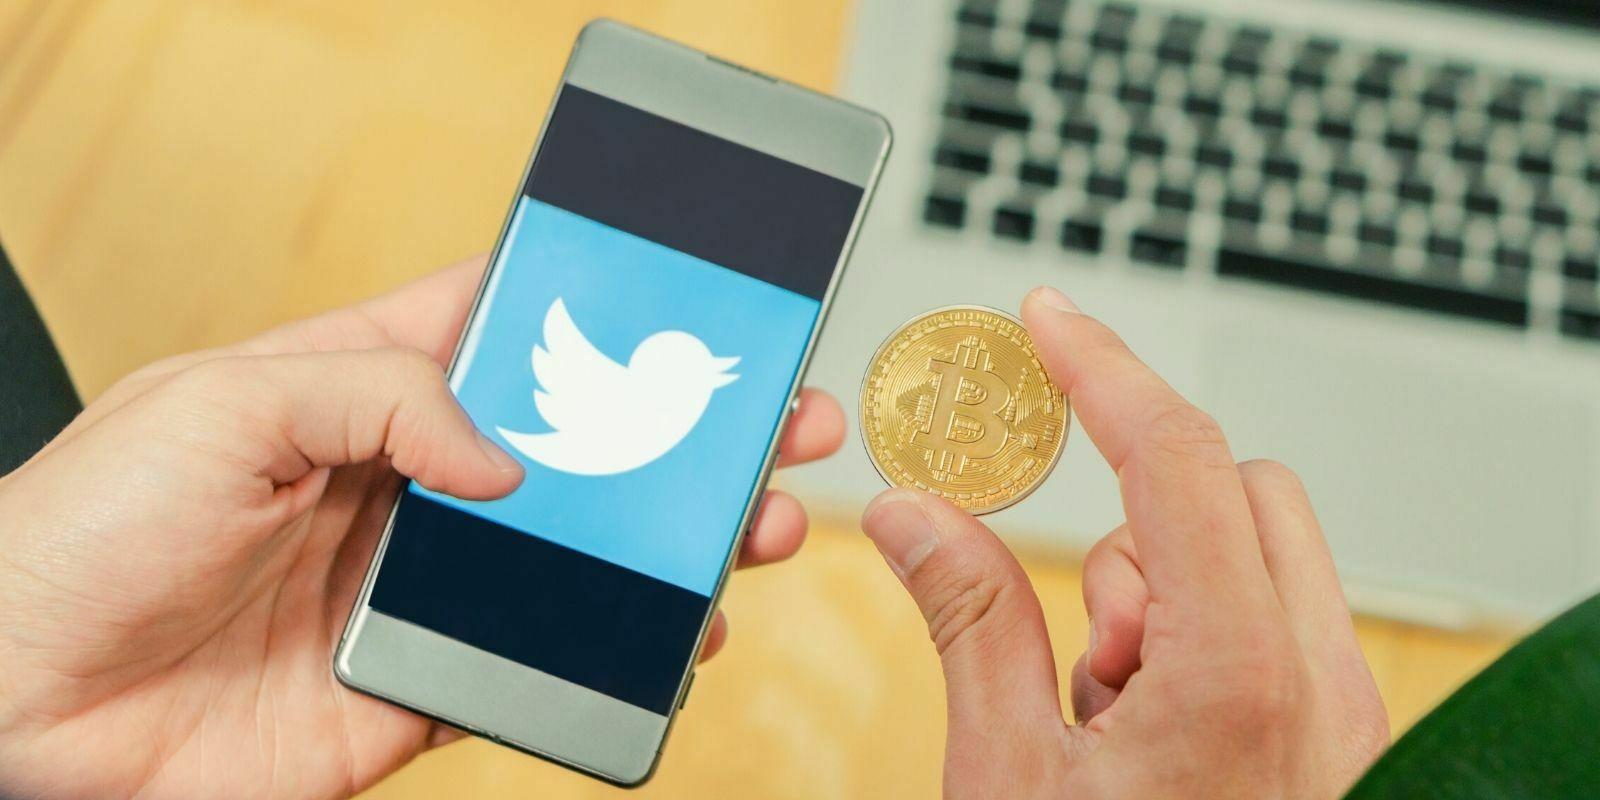 Sur les pas de Tesla, Twitter envisage d'investir dans le Bitcoin (BTC)